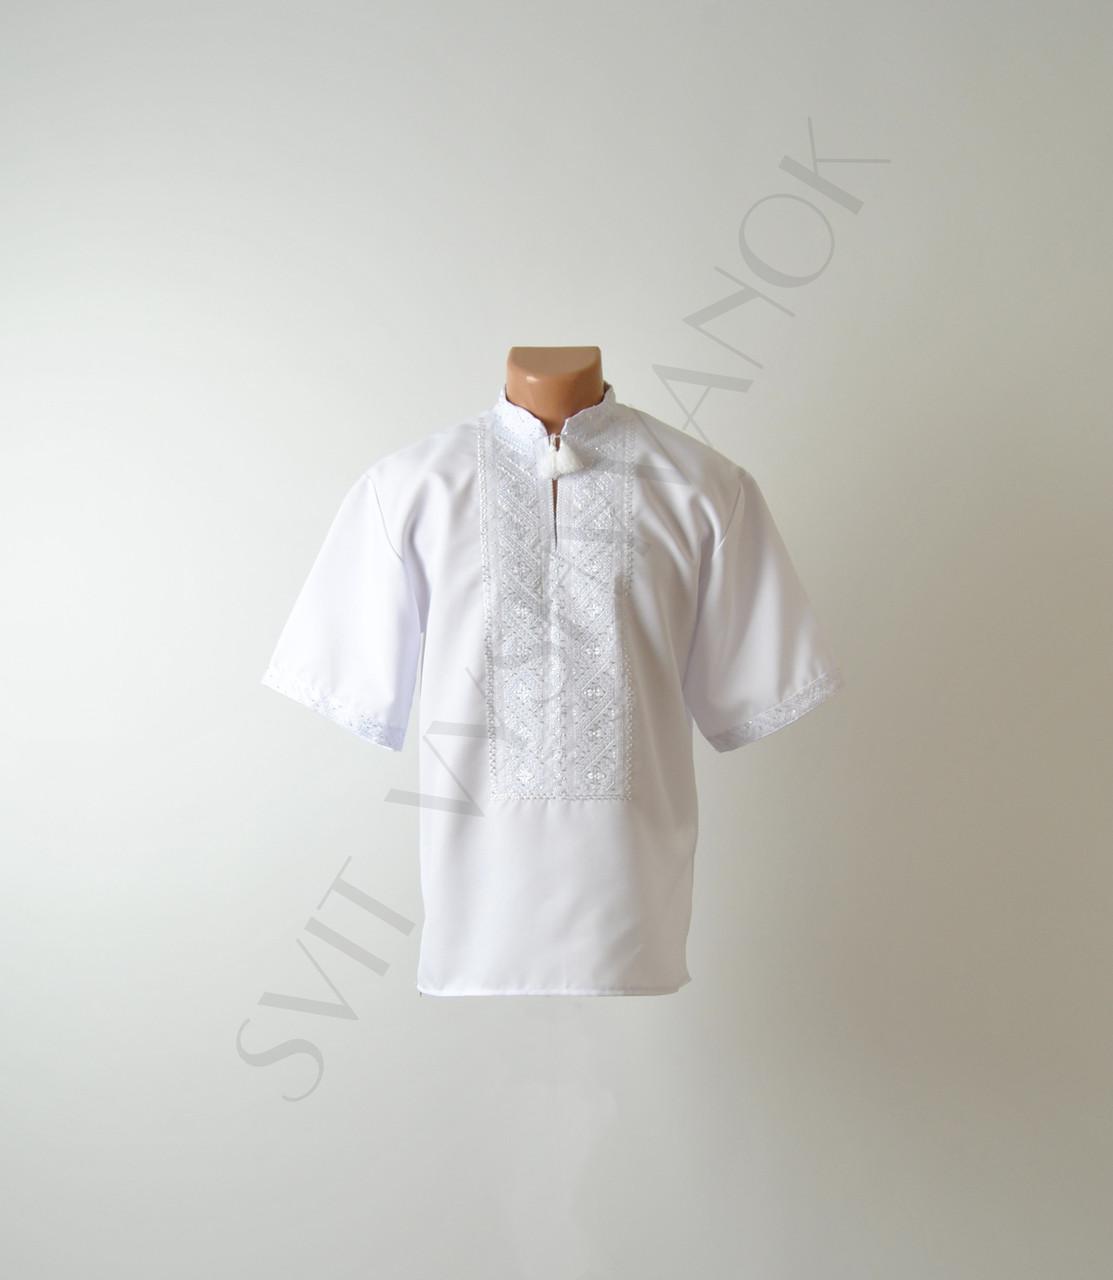 Біла чоловіча вишиванка на короткий рукав з білим орнаментом машинної роботи 22596ab006b6d